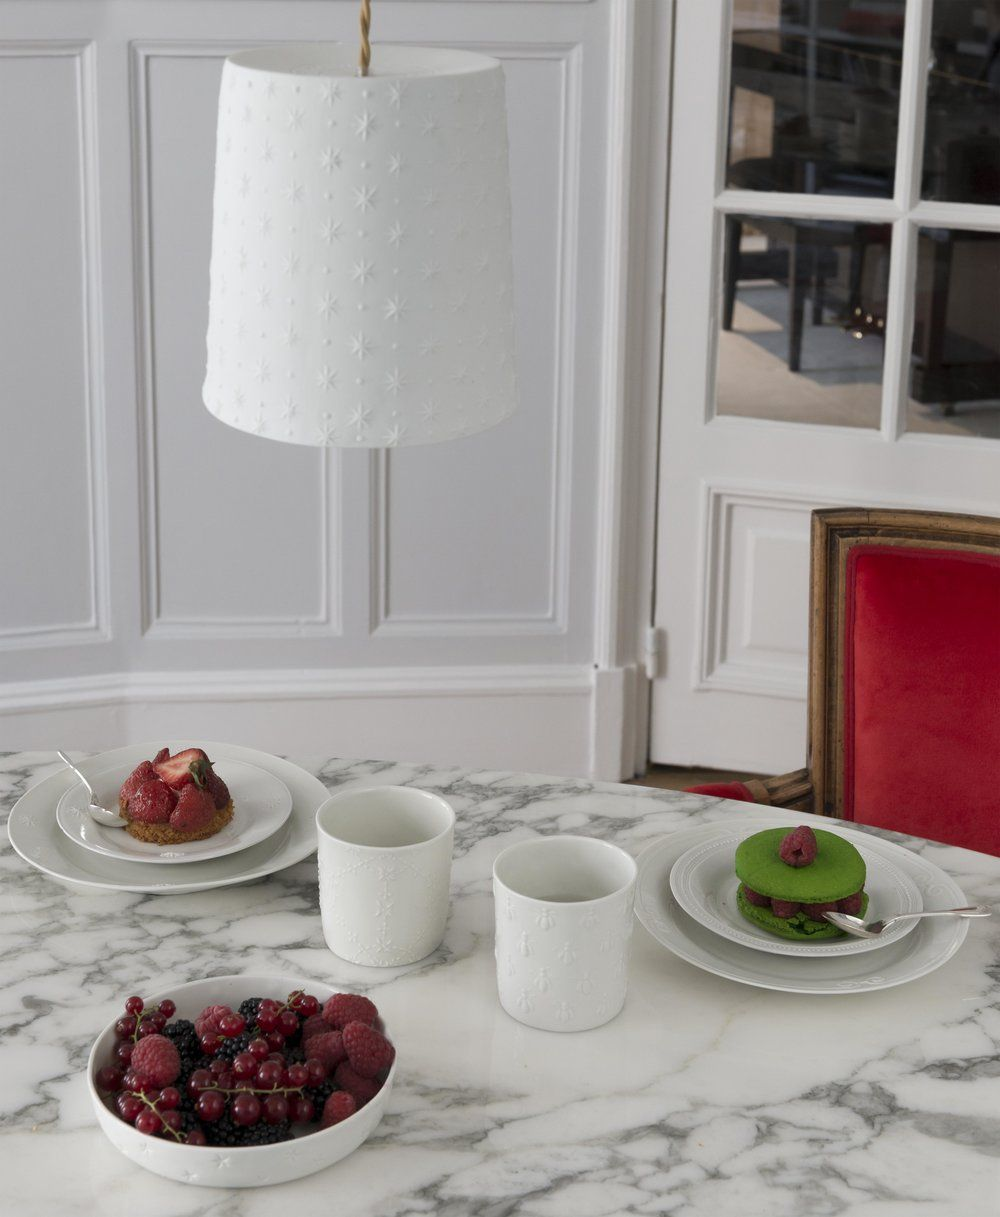 assiette dessert etoile en 2019 la table alix d. Black Bedroom Furniture Sets. Home Design Ideas